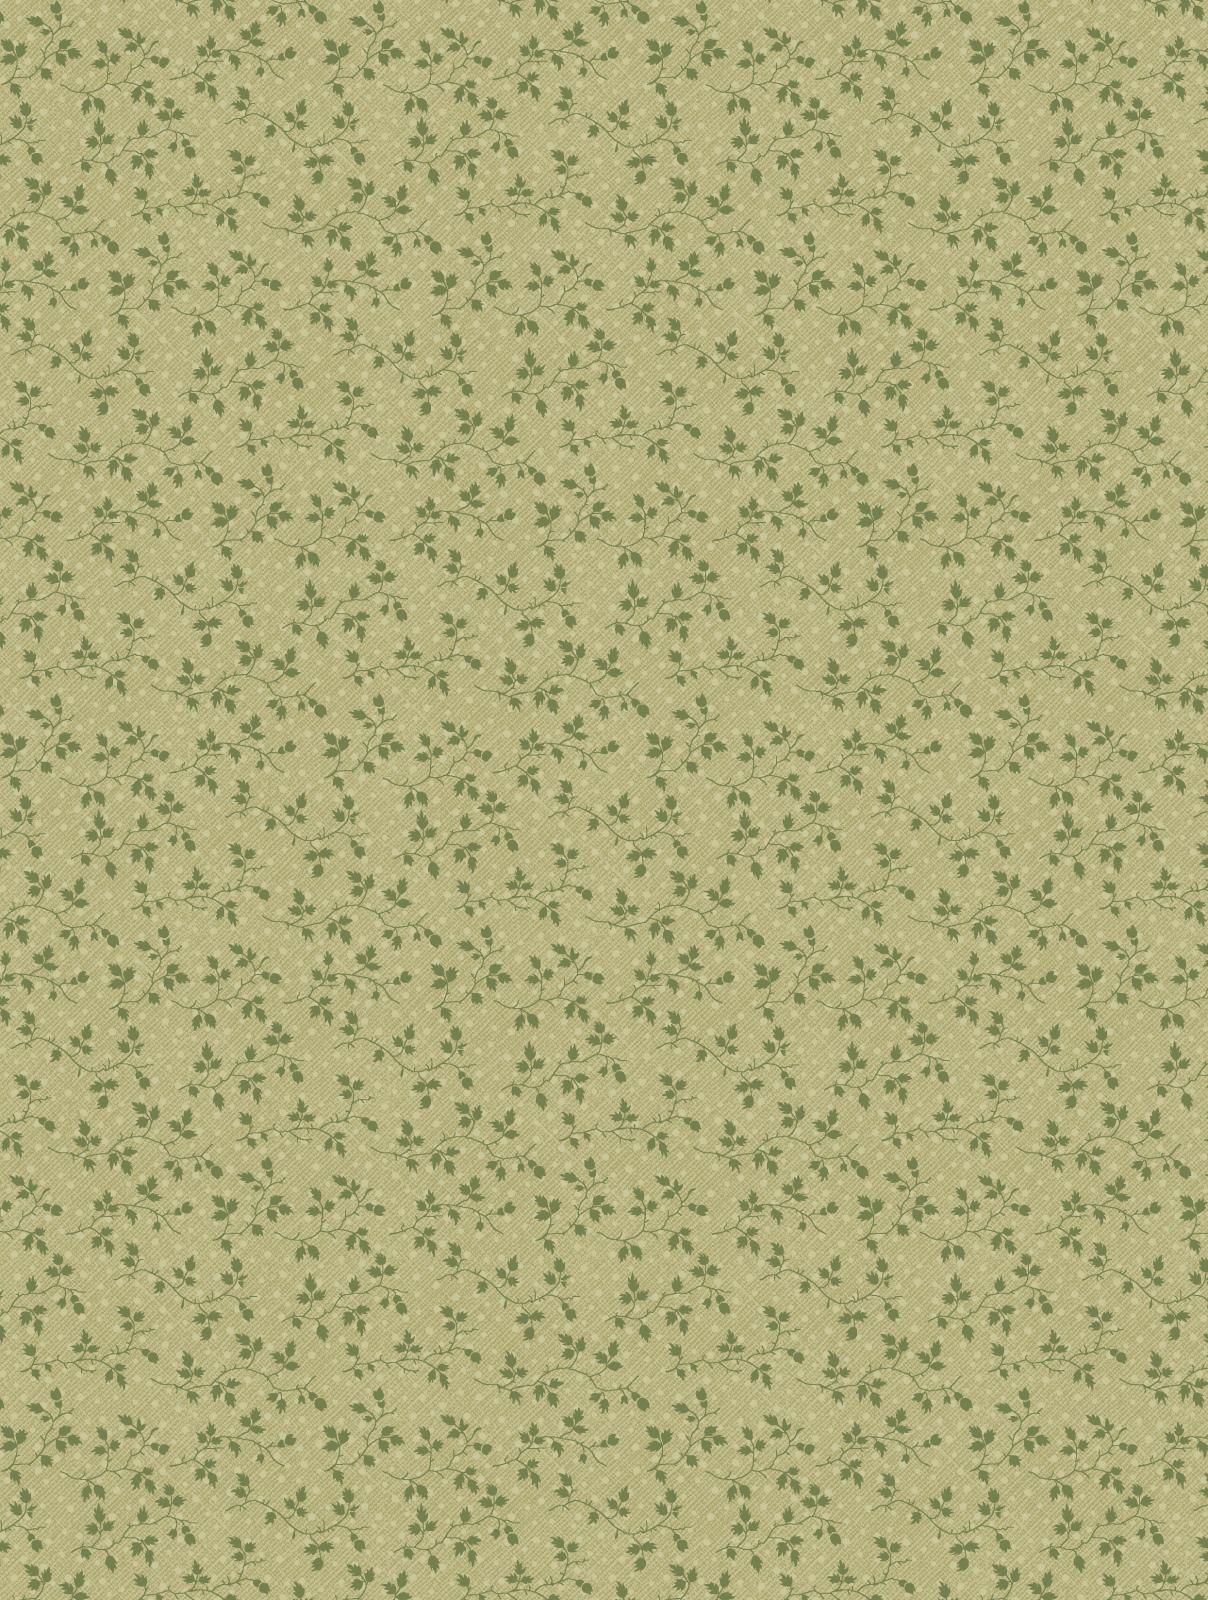 Garden Getaway Fabric 19 (0904 0152)